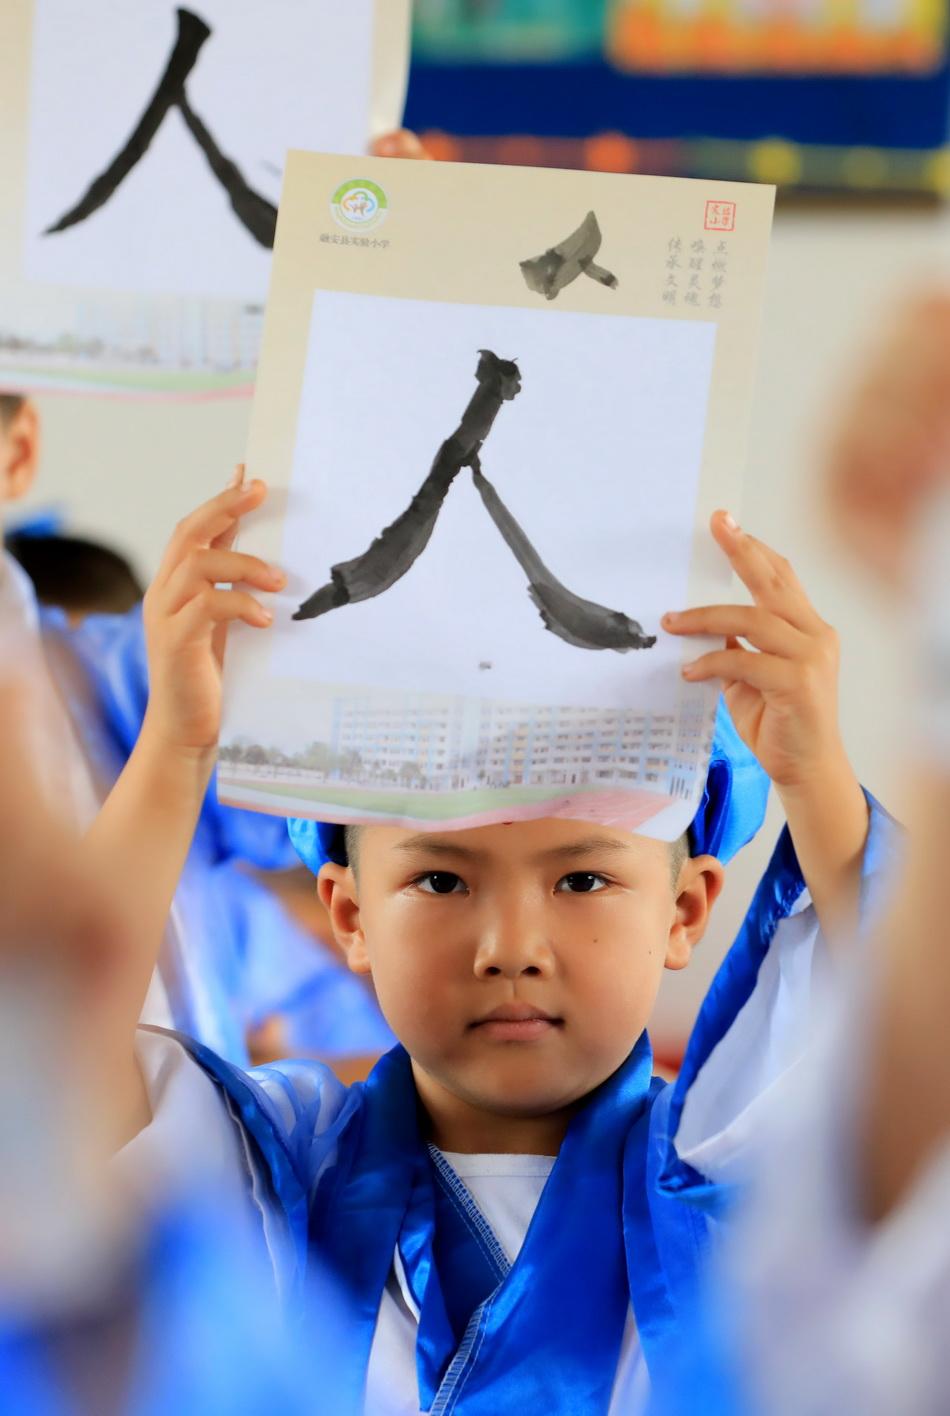 """8月30日,一名小學生展示書寫的""""人""""字。當日,廣西柳州市融安縣實驗小學舉行傳統""""開筆禮"""",一年級新生著漢服,行漢禮,通過""""擊鼓明智、朱砂啟智、啟蒙描紅、放飛夢想""""等中國傳統開學儀式,讓學生體驗中國傳統文化內涵,感受傳統文化魅力。"""